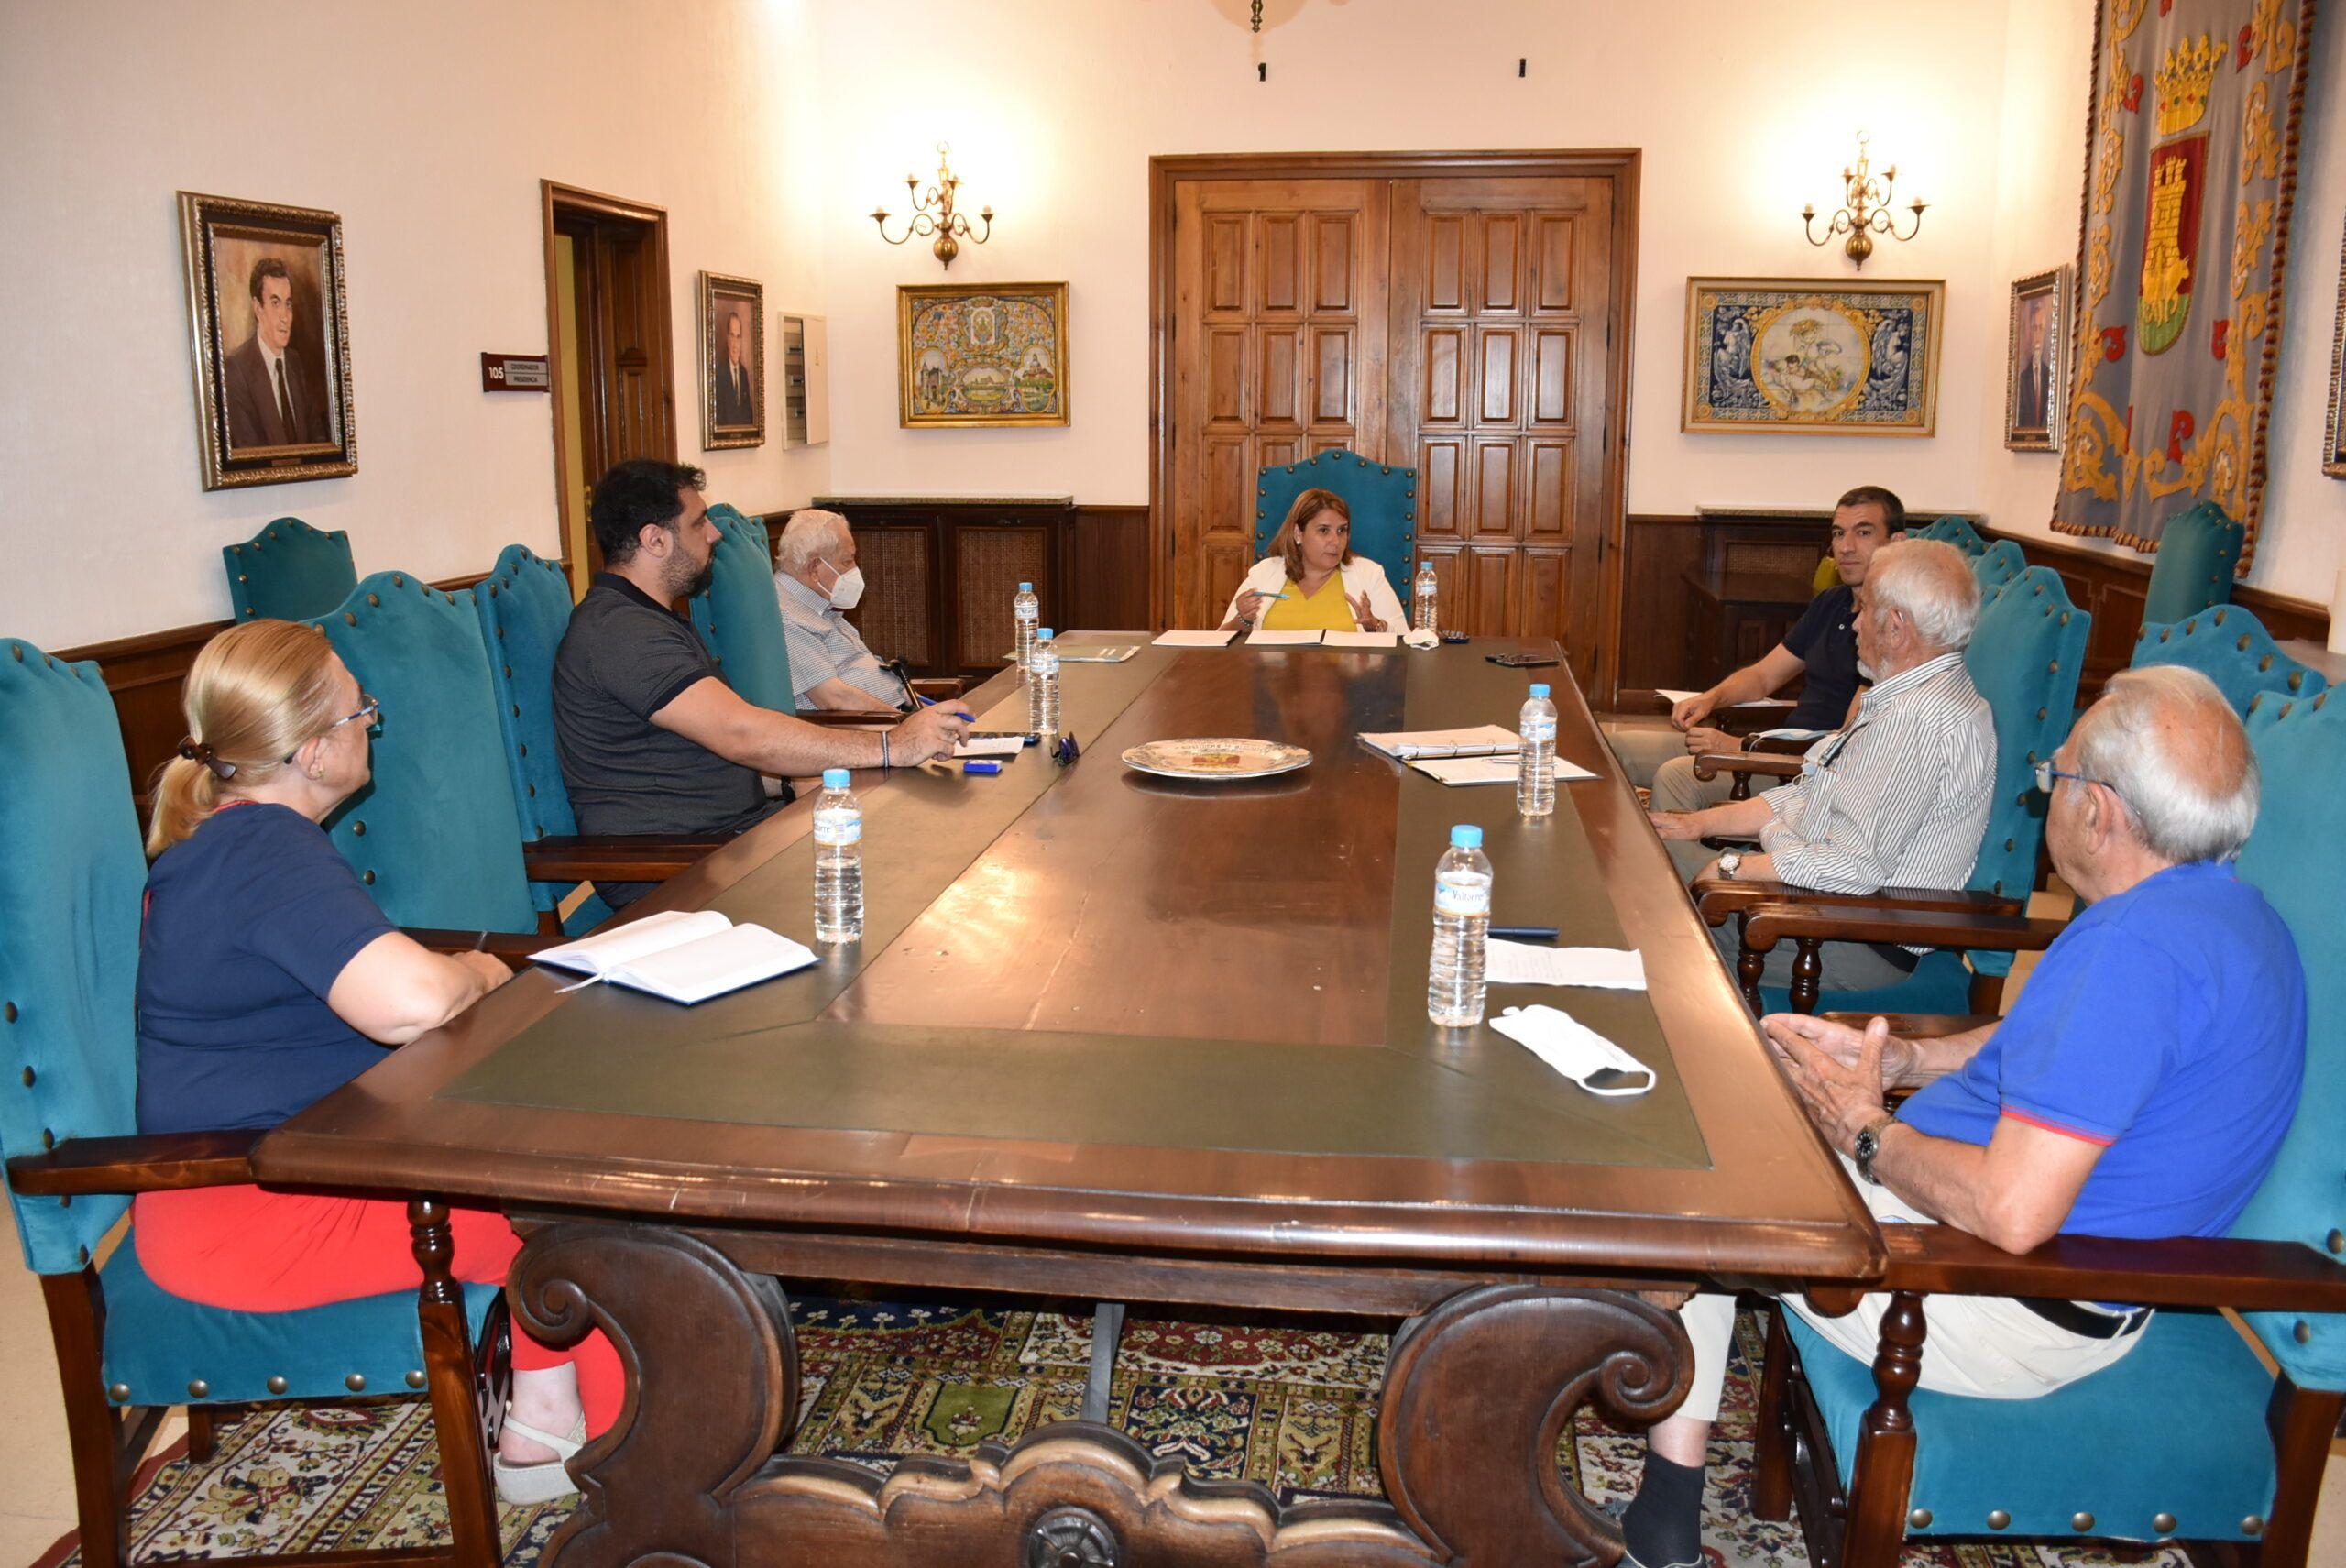 La alcaldesa se reúne con la Mesa por la Recuperación de Talavera para acercarles las medidas contempladas en el Plan de Reactivación Económica y Social